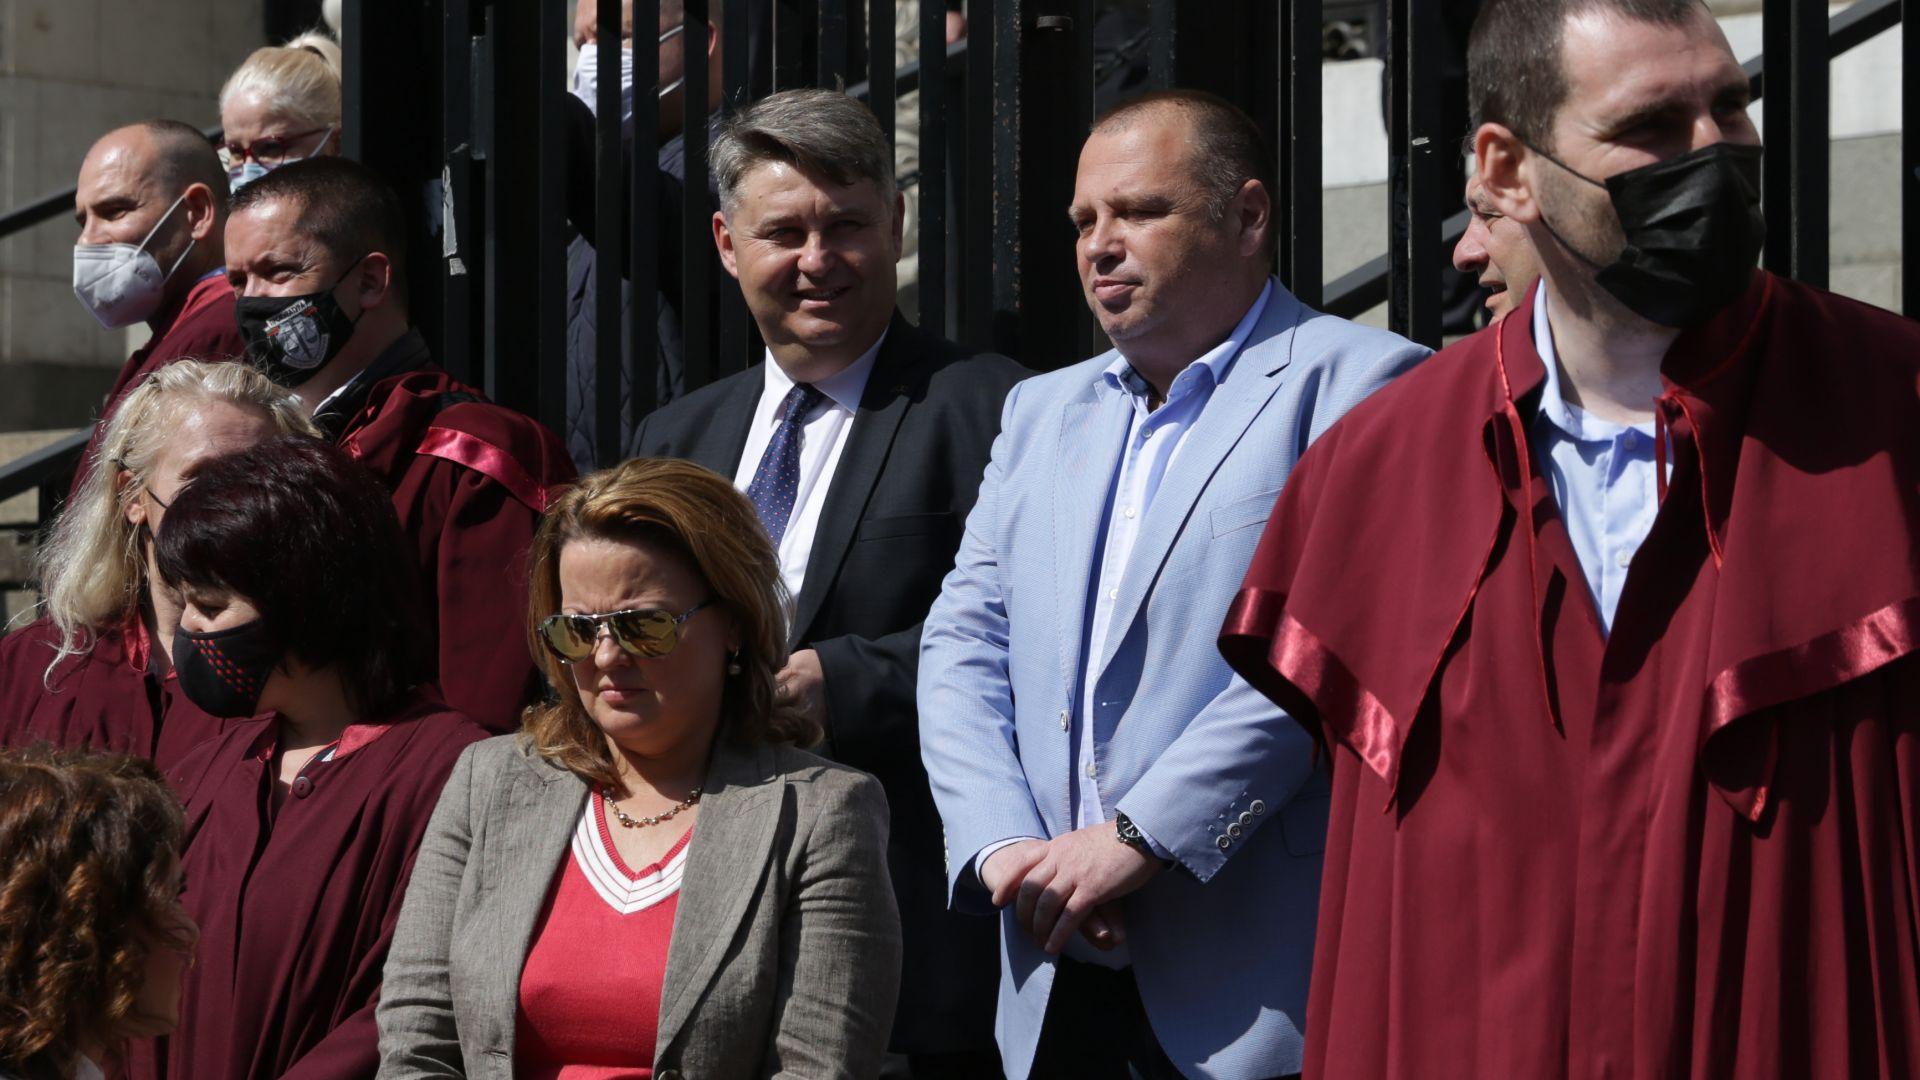 Прокурорите сезират Европа и посланиците за опит за намеса в независимостта на съдебната власт